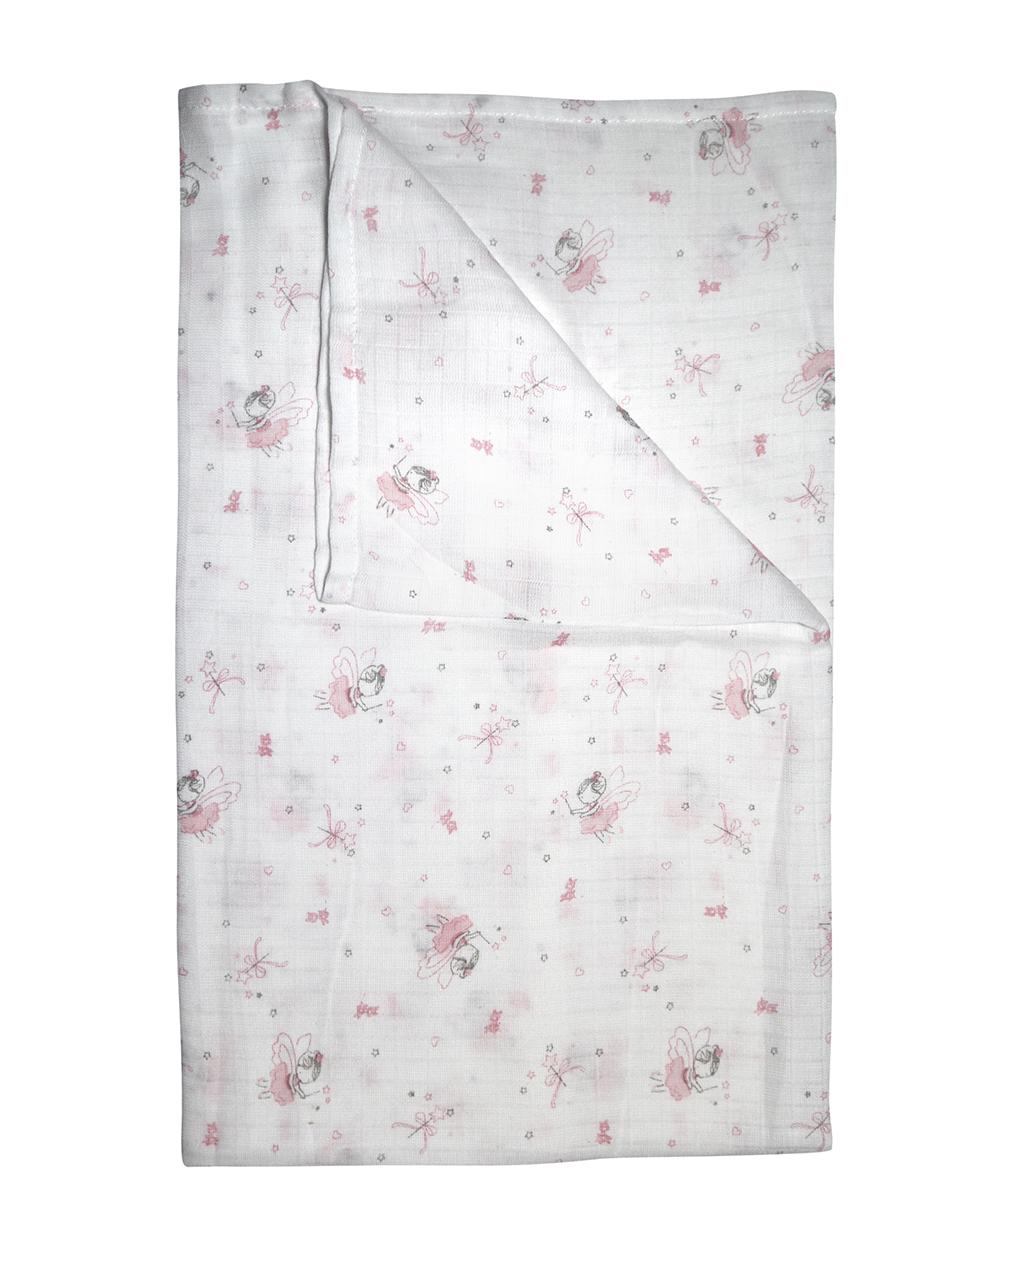 Pacote de 2 peças composto por dois lenços - Prénatal